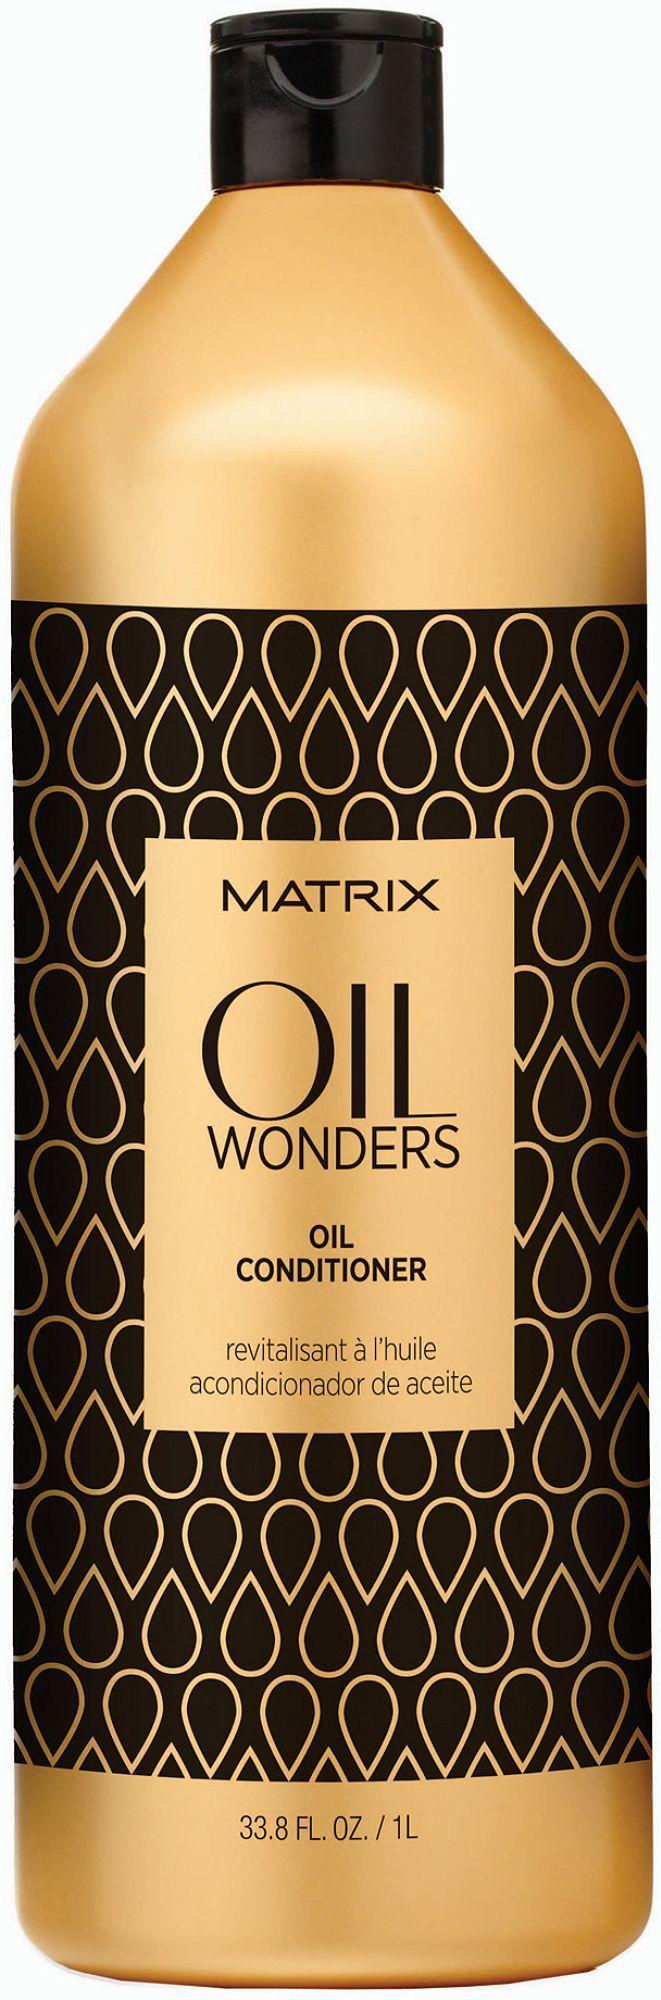 Matrix Oil Wonders Oil Conditioner. Amazing conditioner!